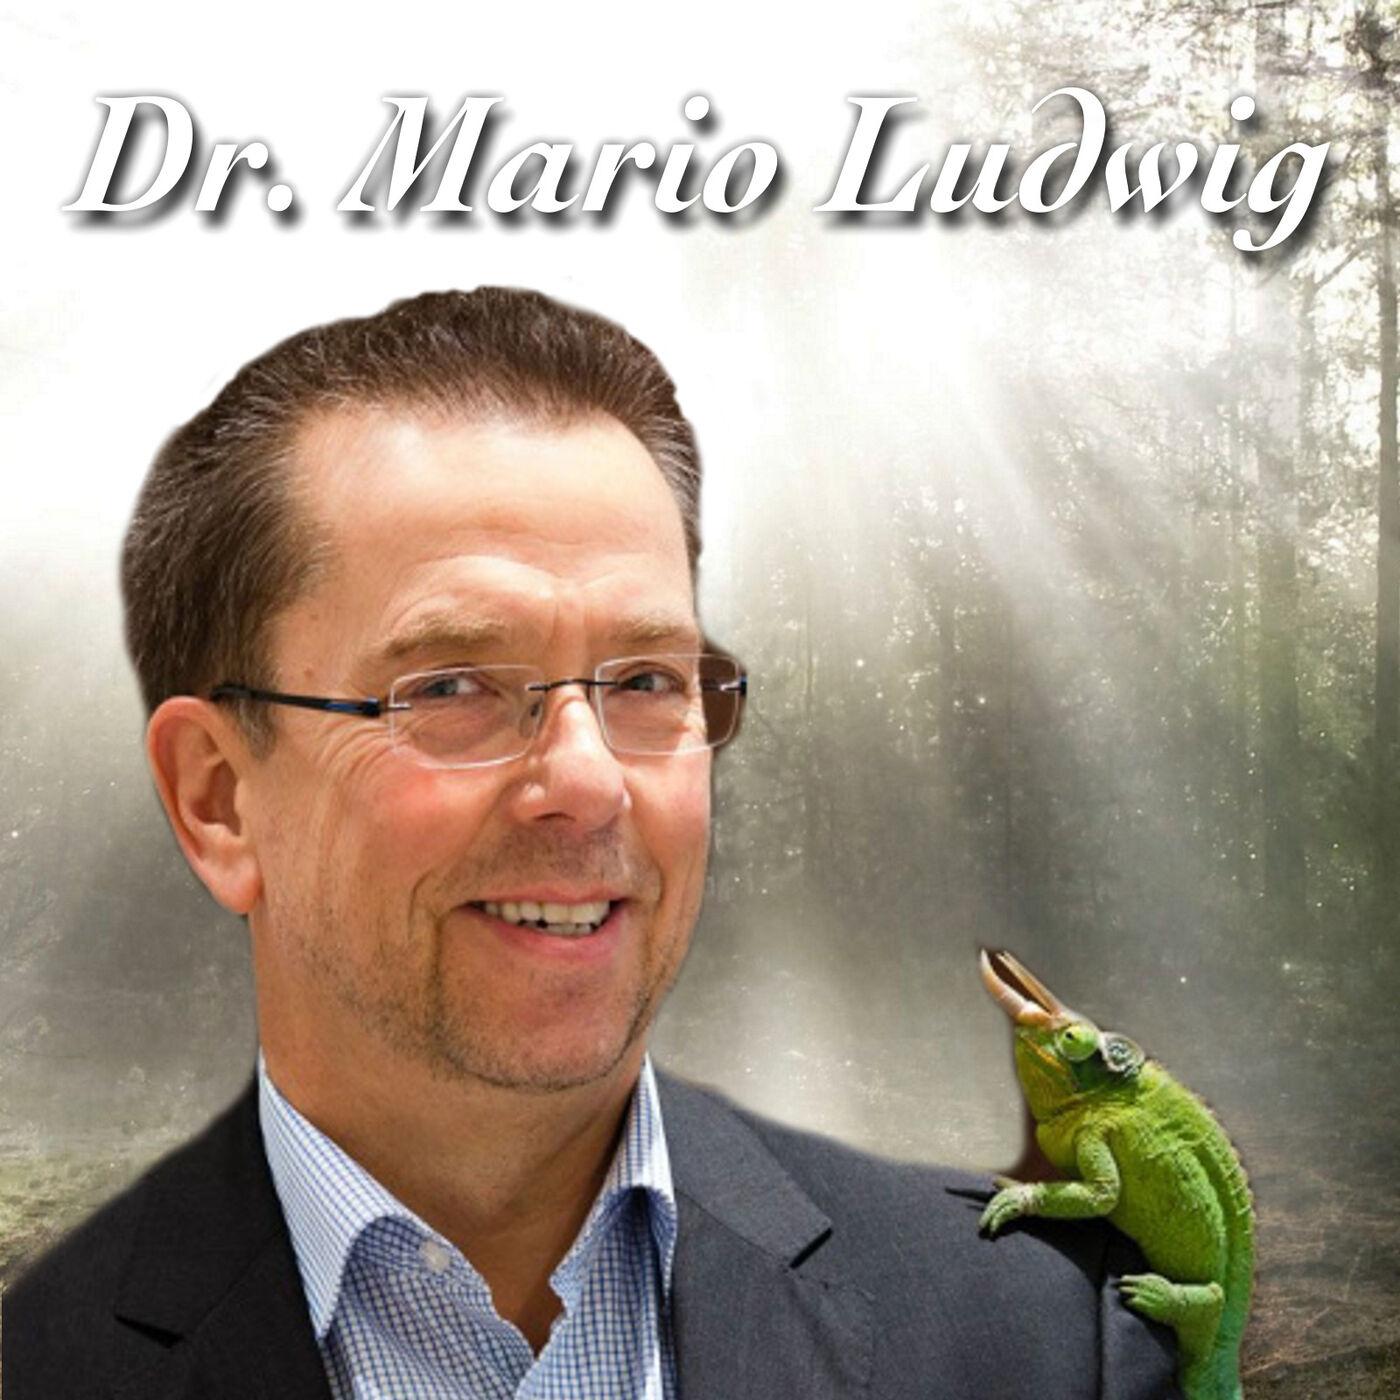 Eisbären im Knast - Dr. Mario Ludwig